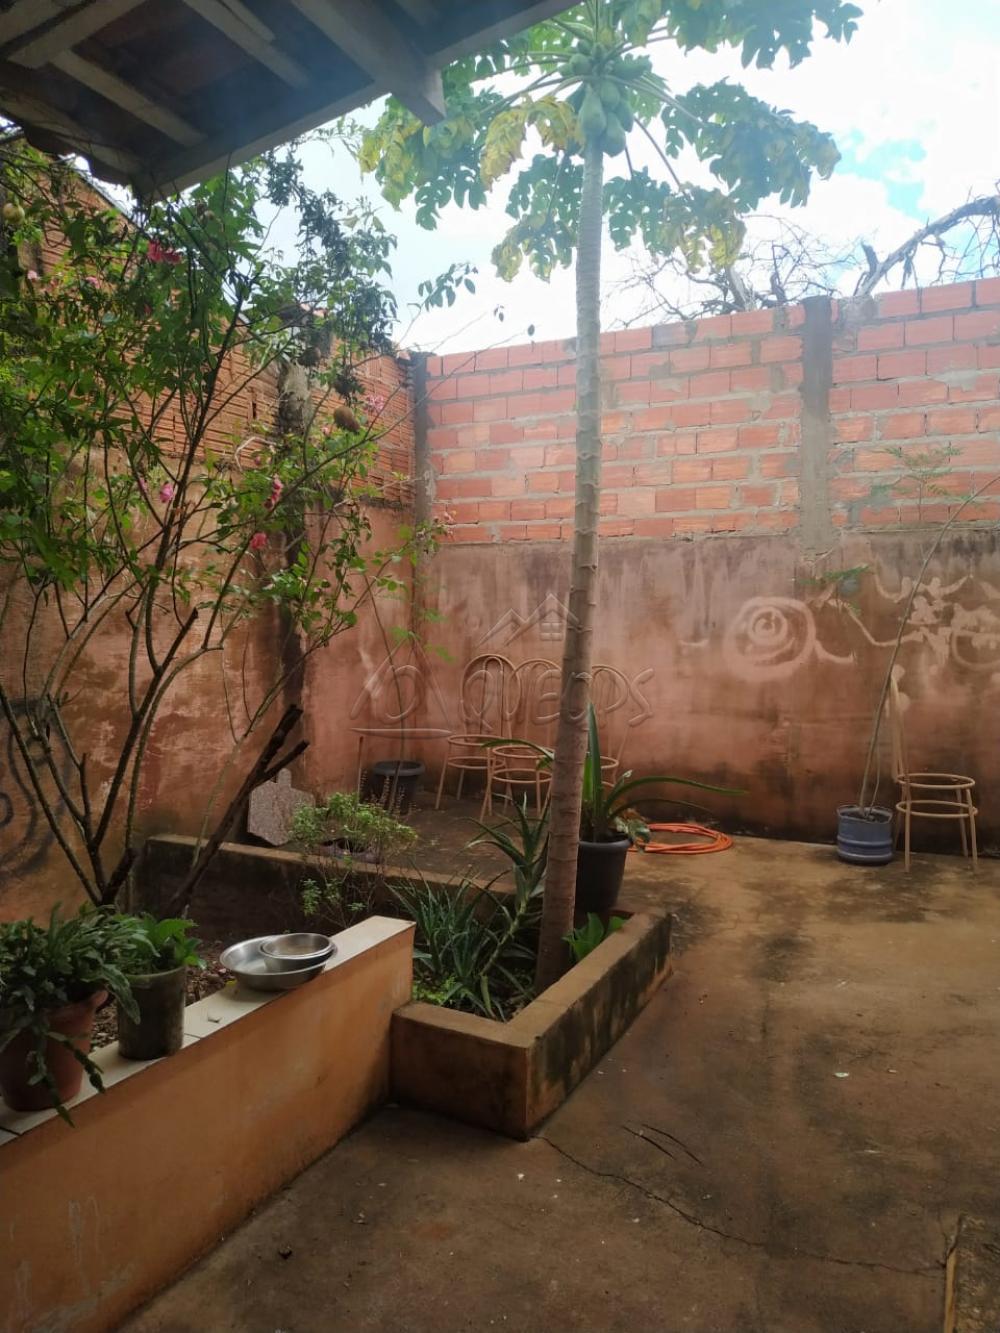 Comprar Casa / Padrão em Barretos apenas R$ 130.000,00 - Foto 13